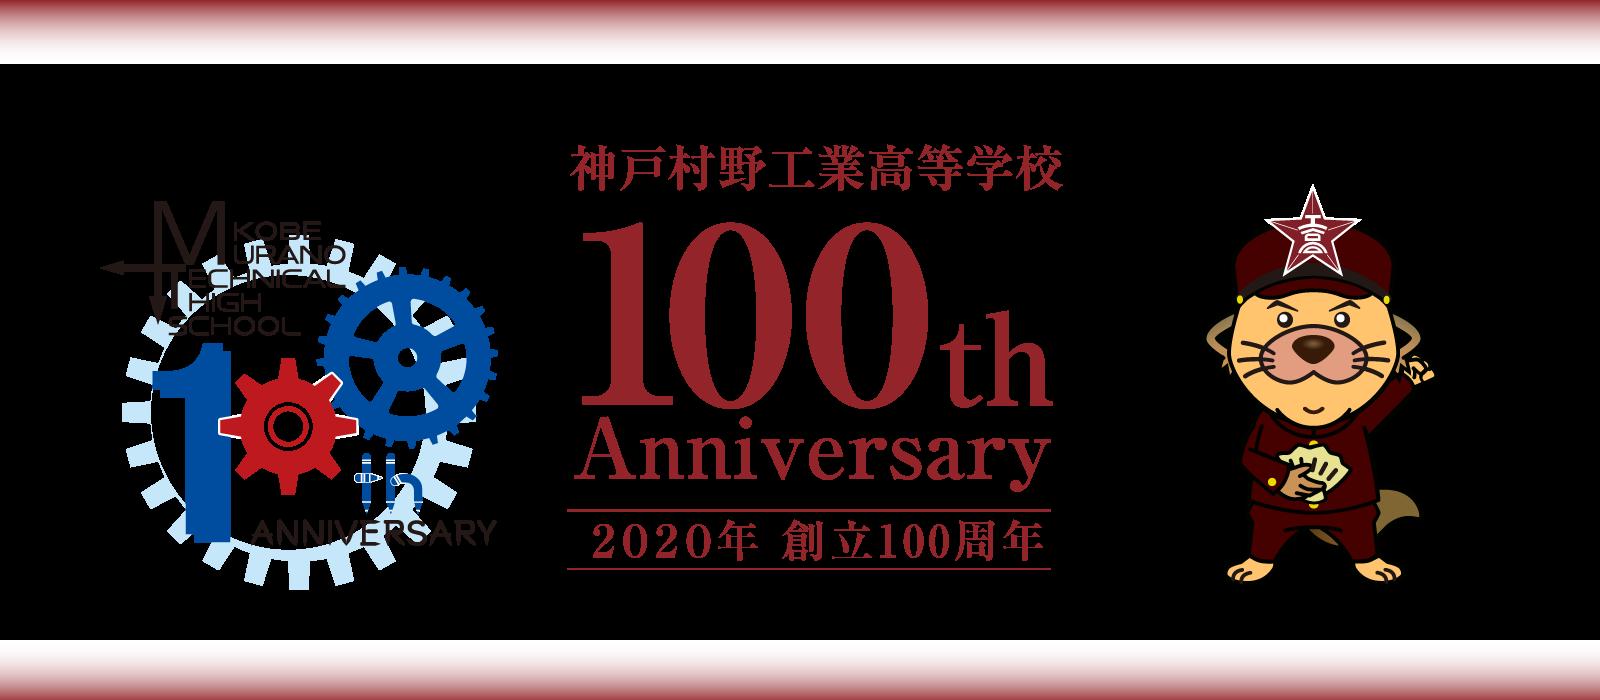 神戸村野工業高等学校 2020年 創立100周年